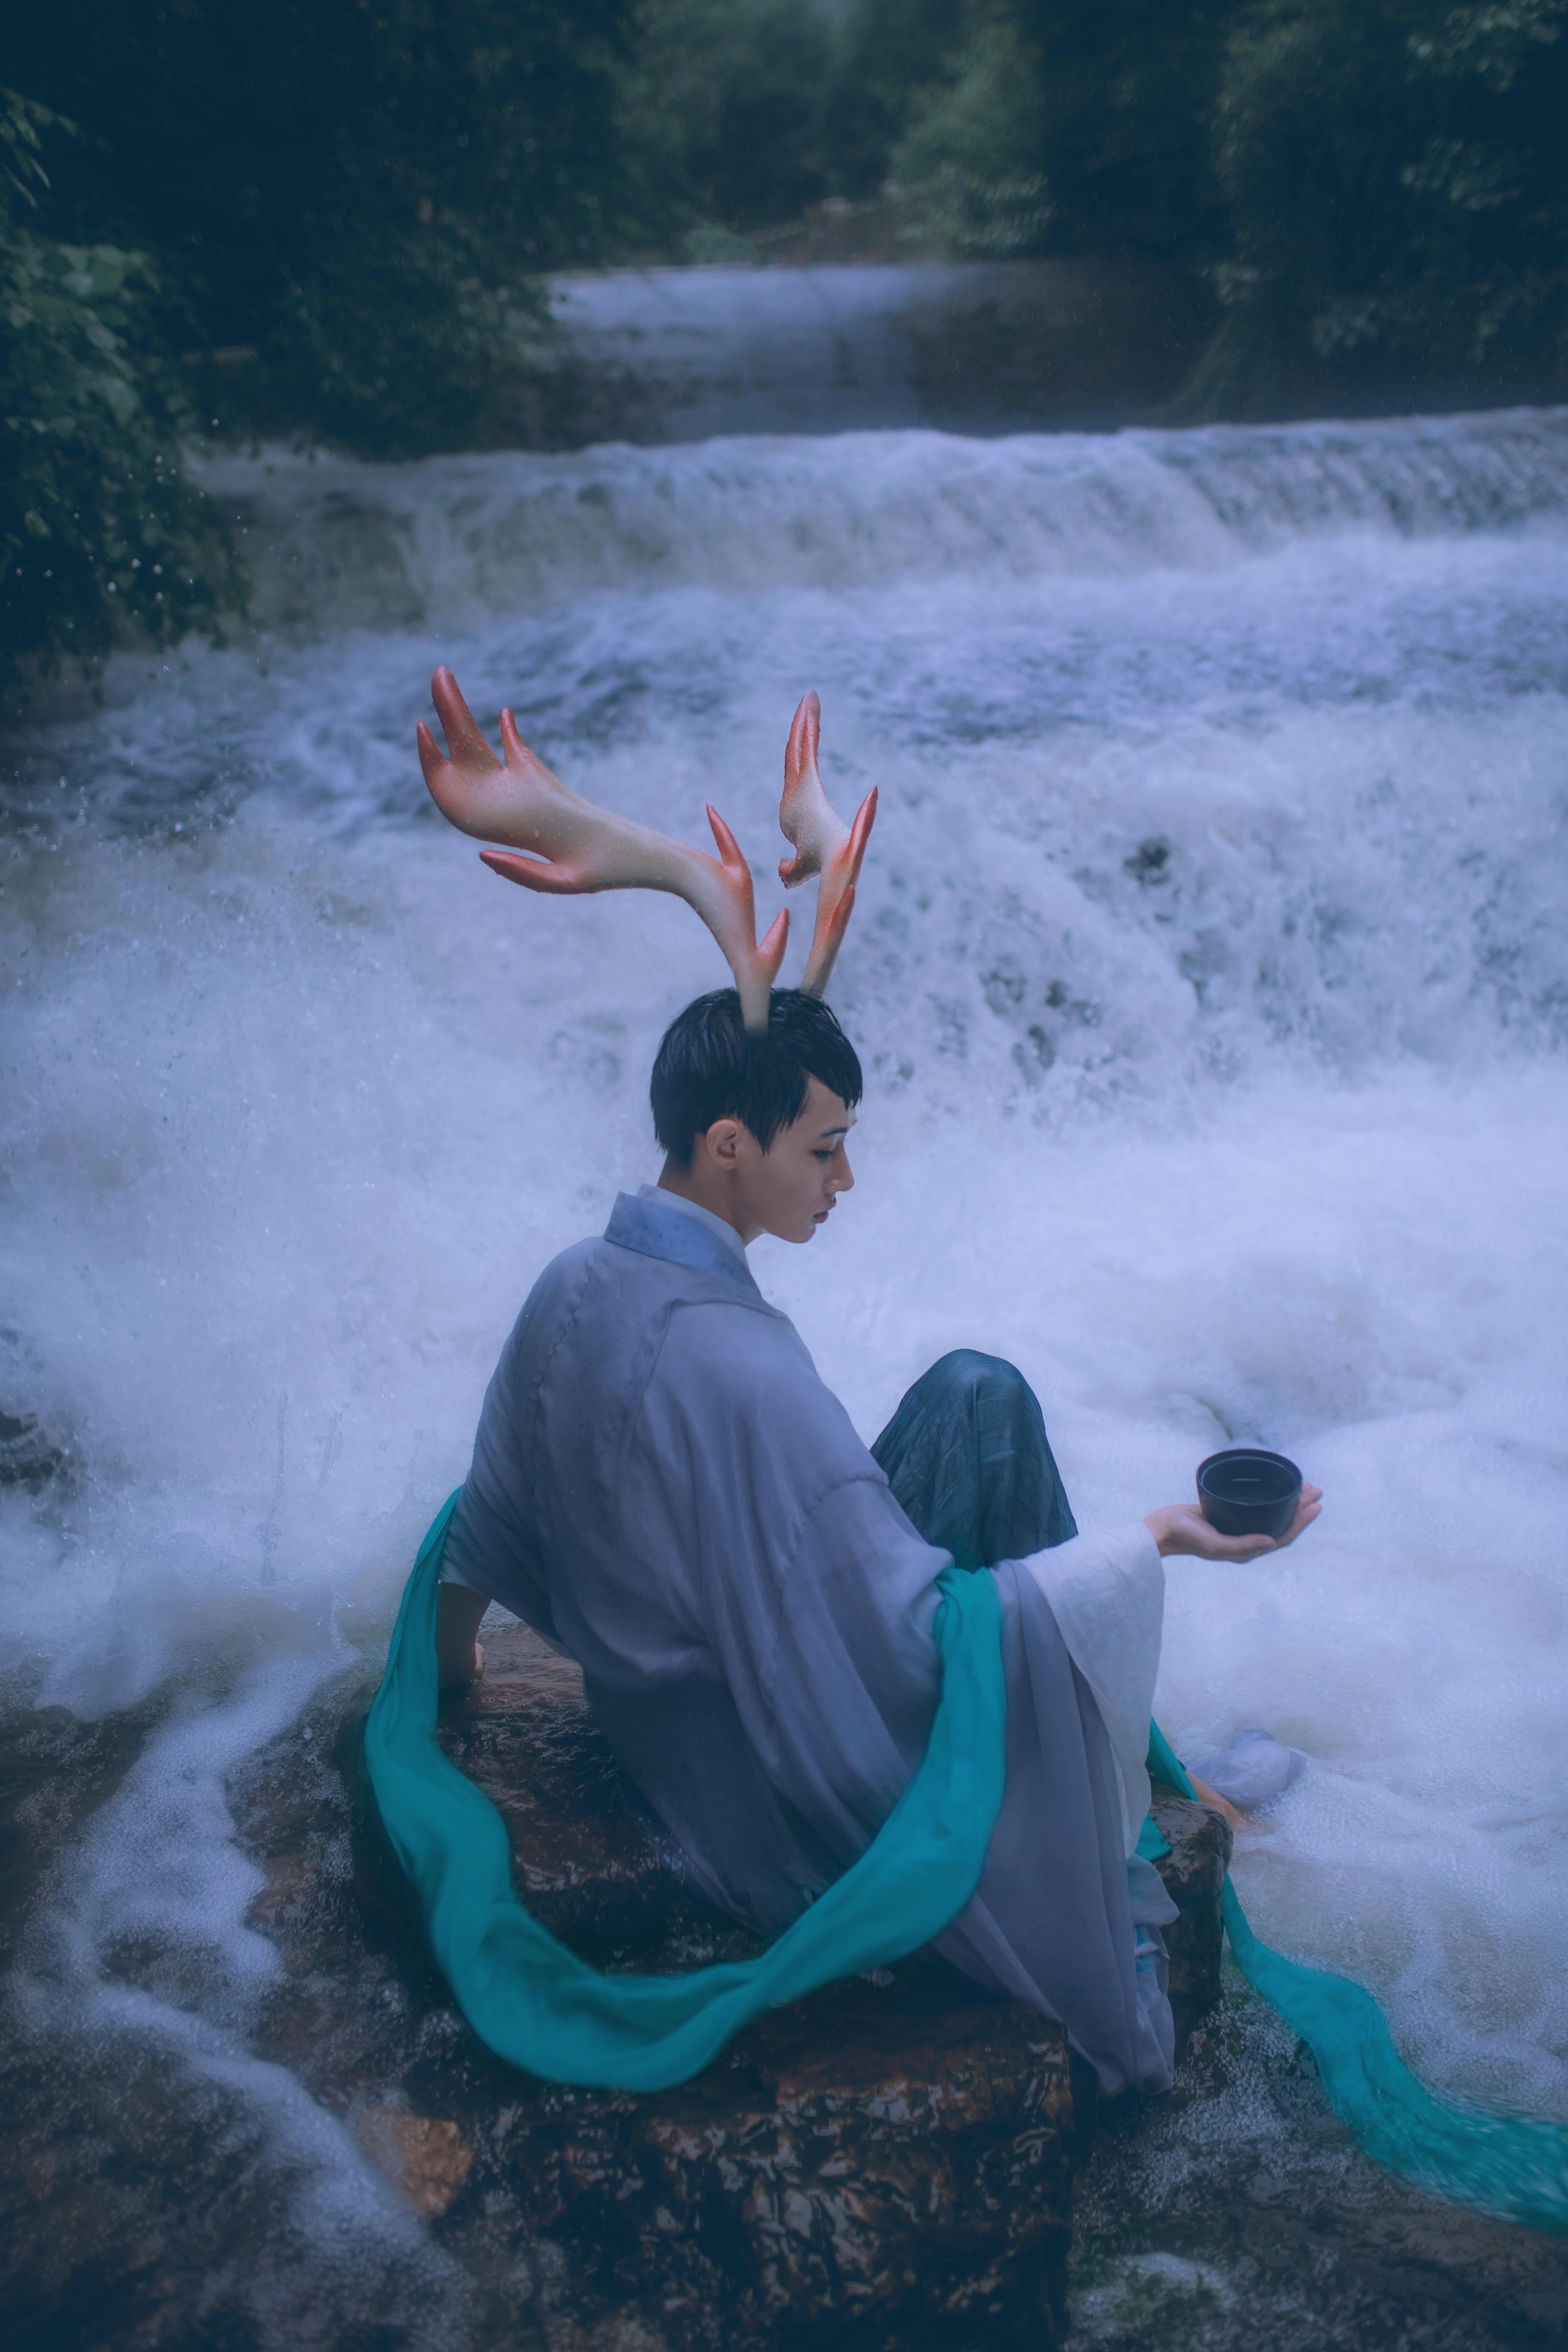 摄影师拍《大鱼海棠》的鹿神,描绘奇幻的中国神话世界图片